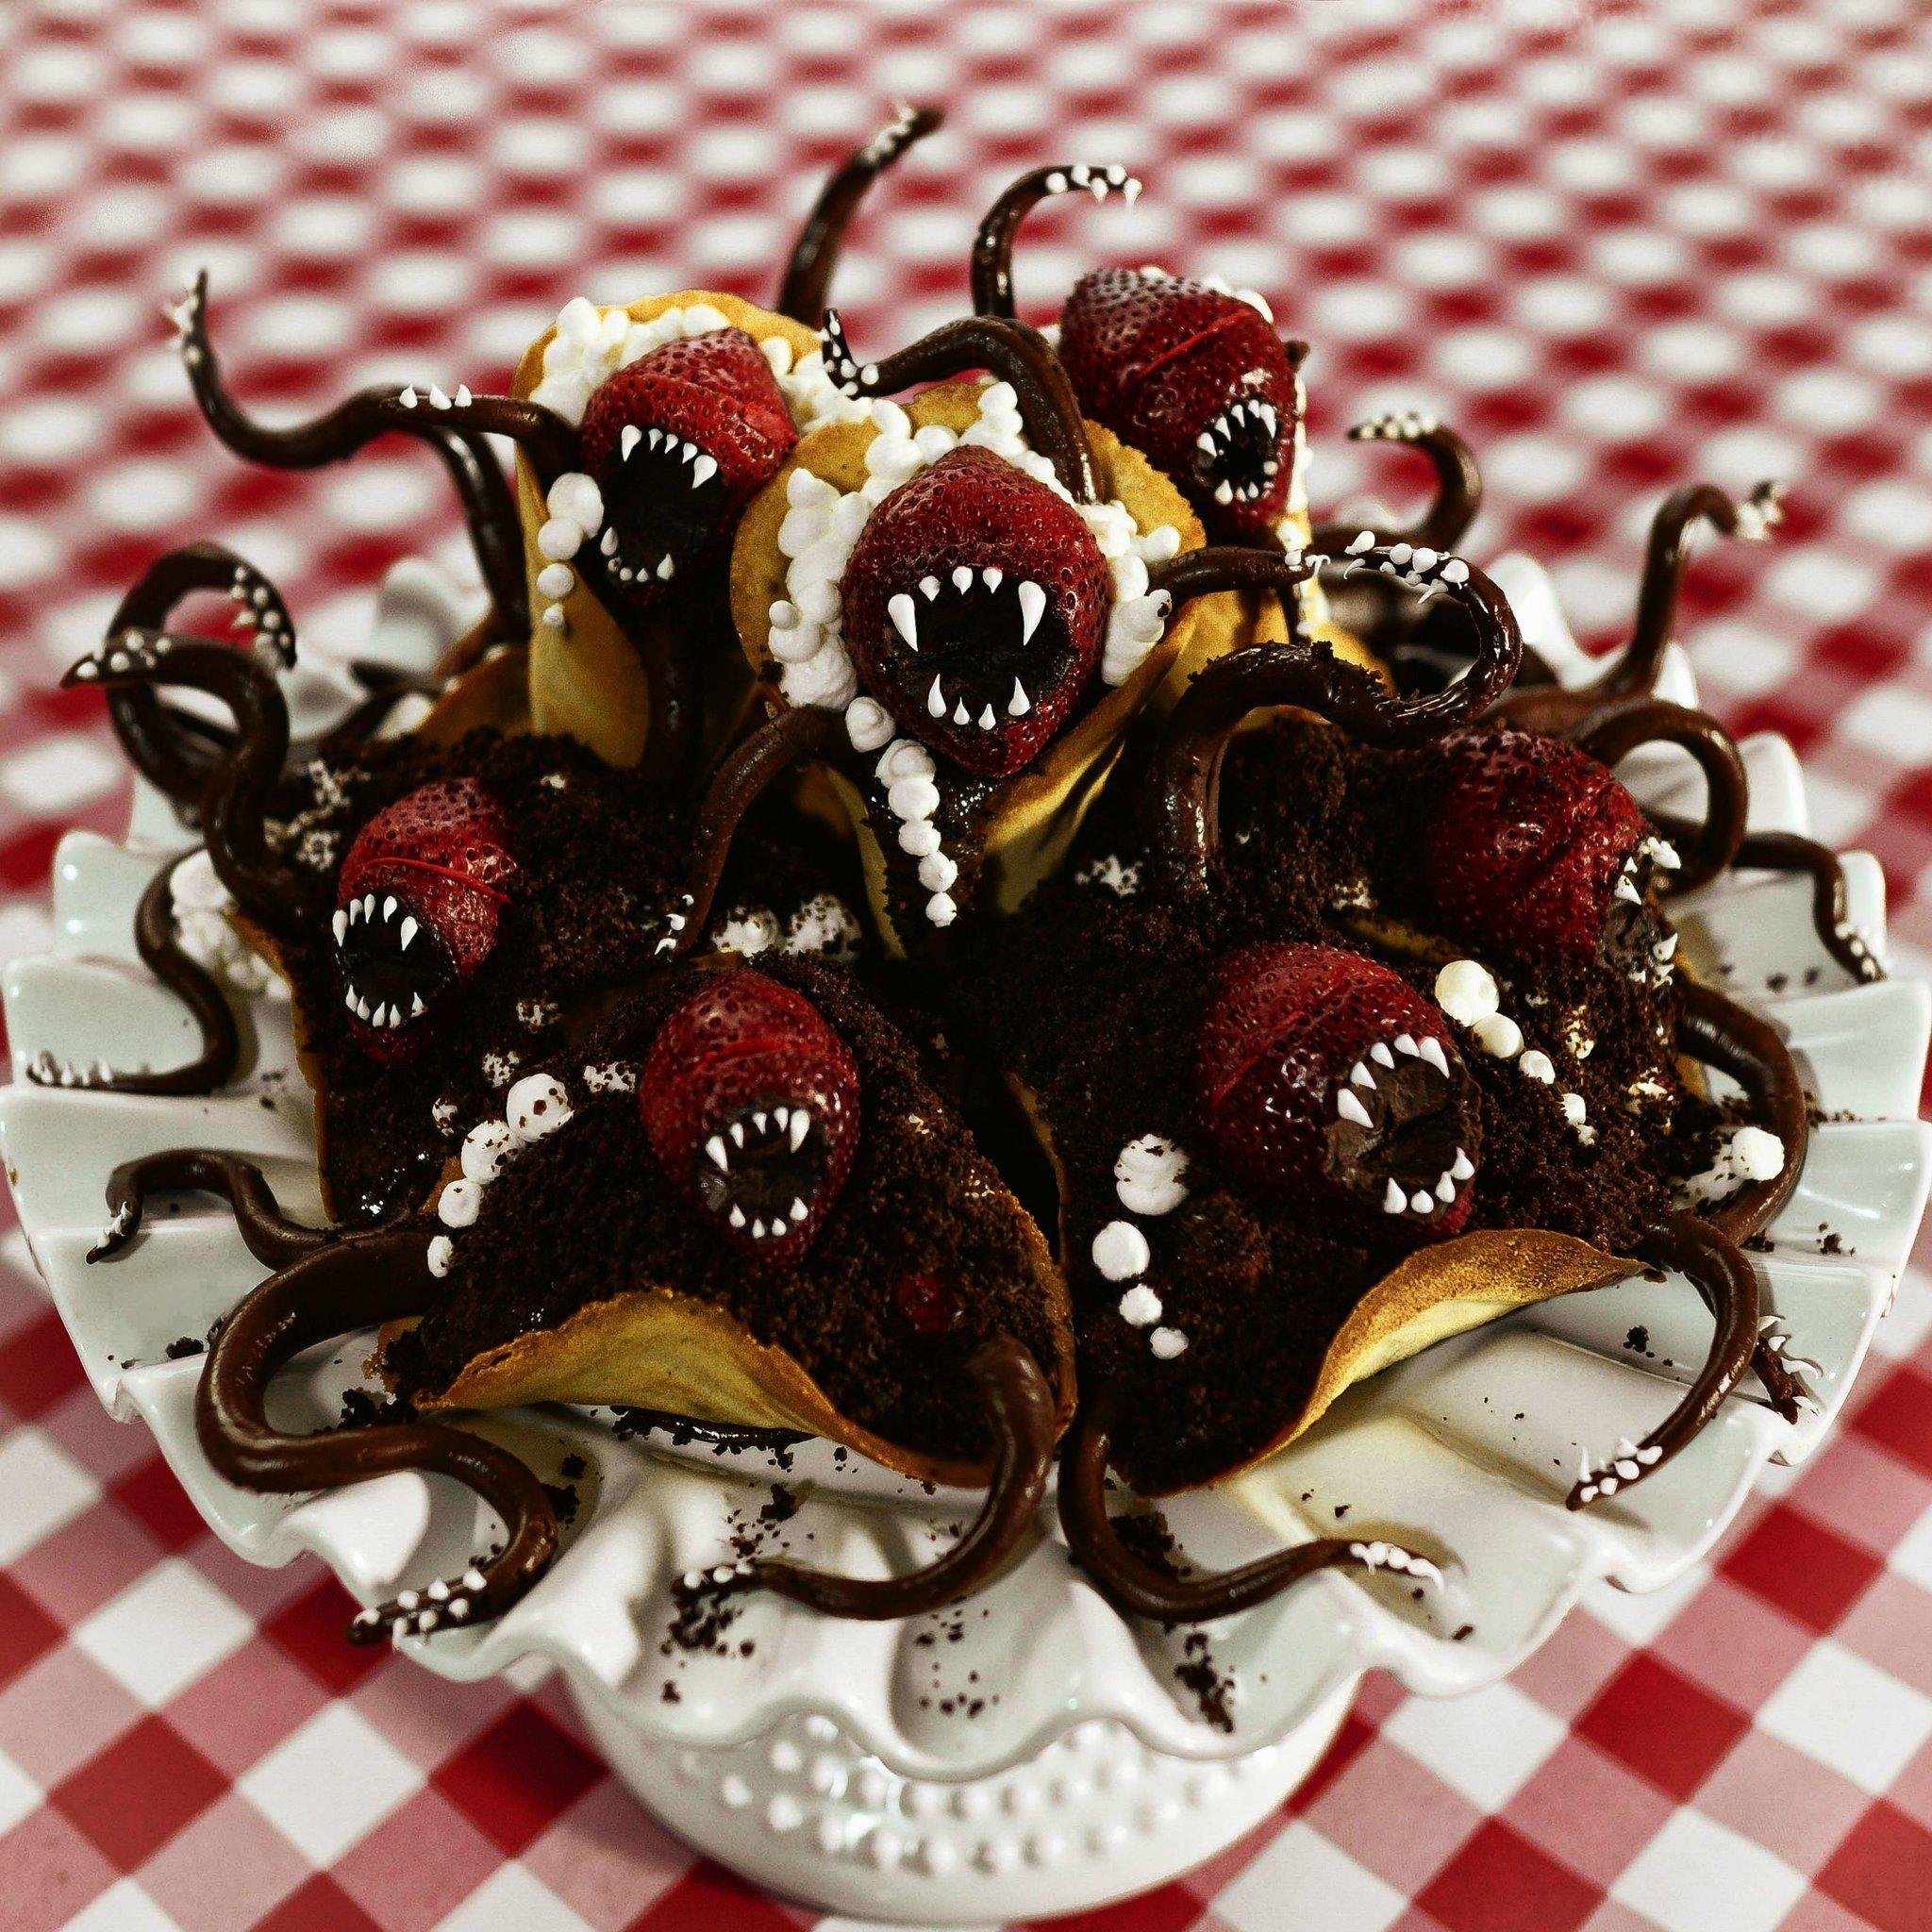 смешные картинки про десерт все